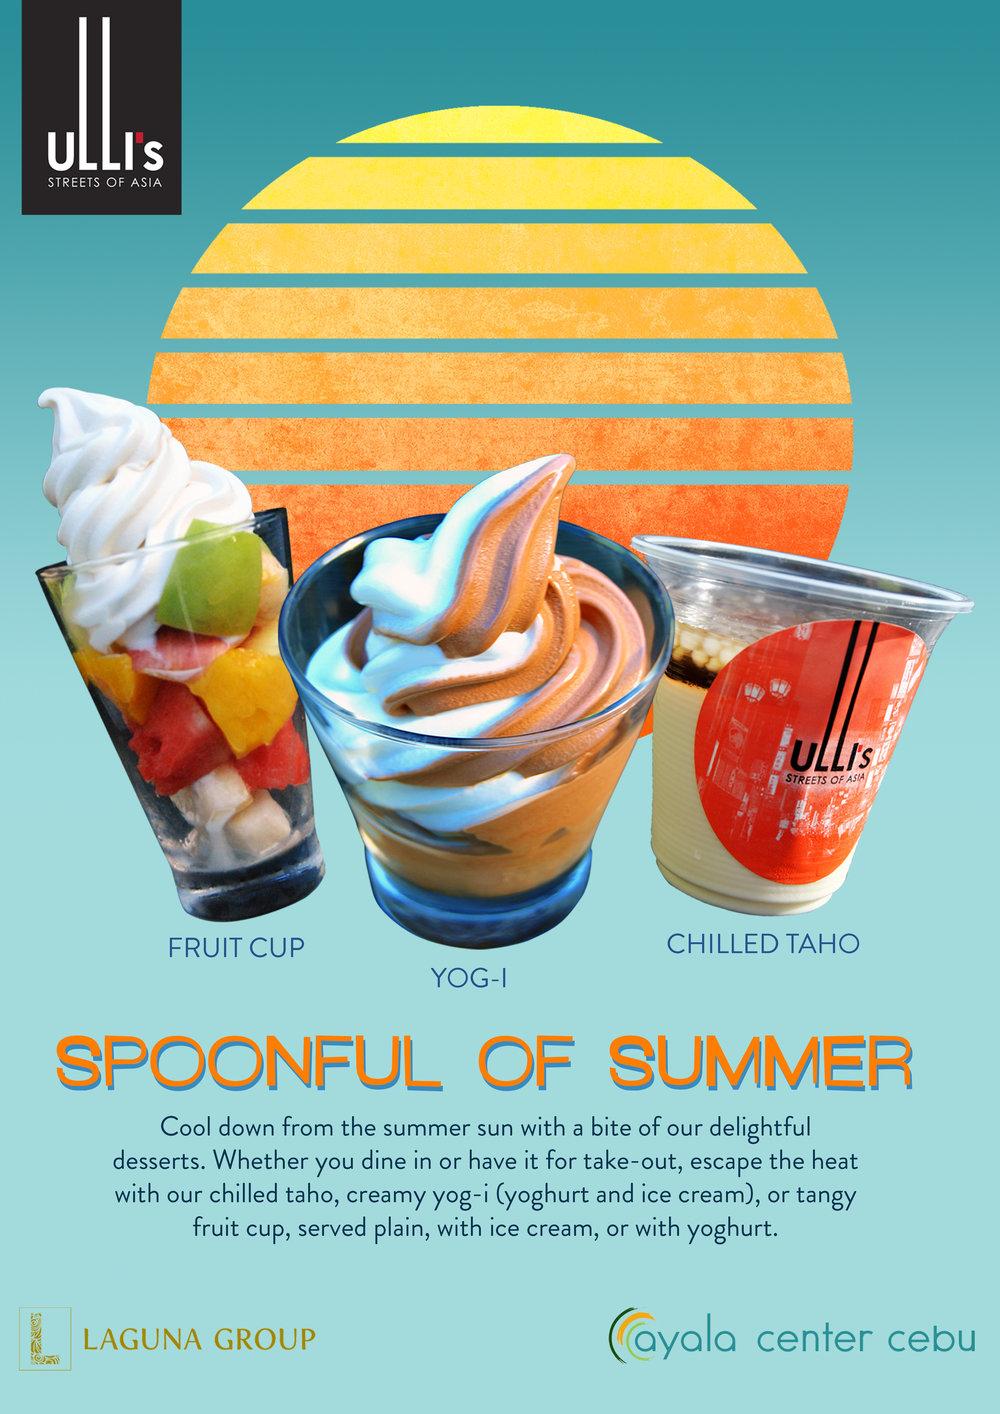 Ullis Summer Promo - Poster.jpg